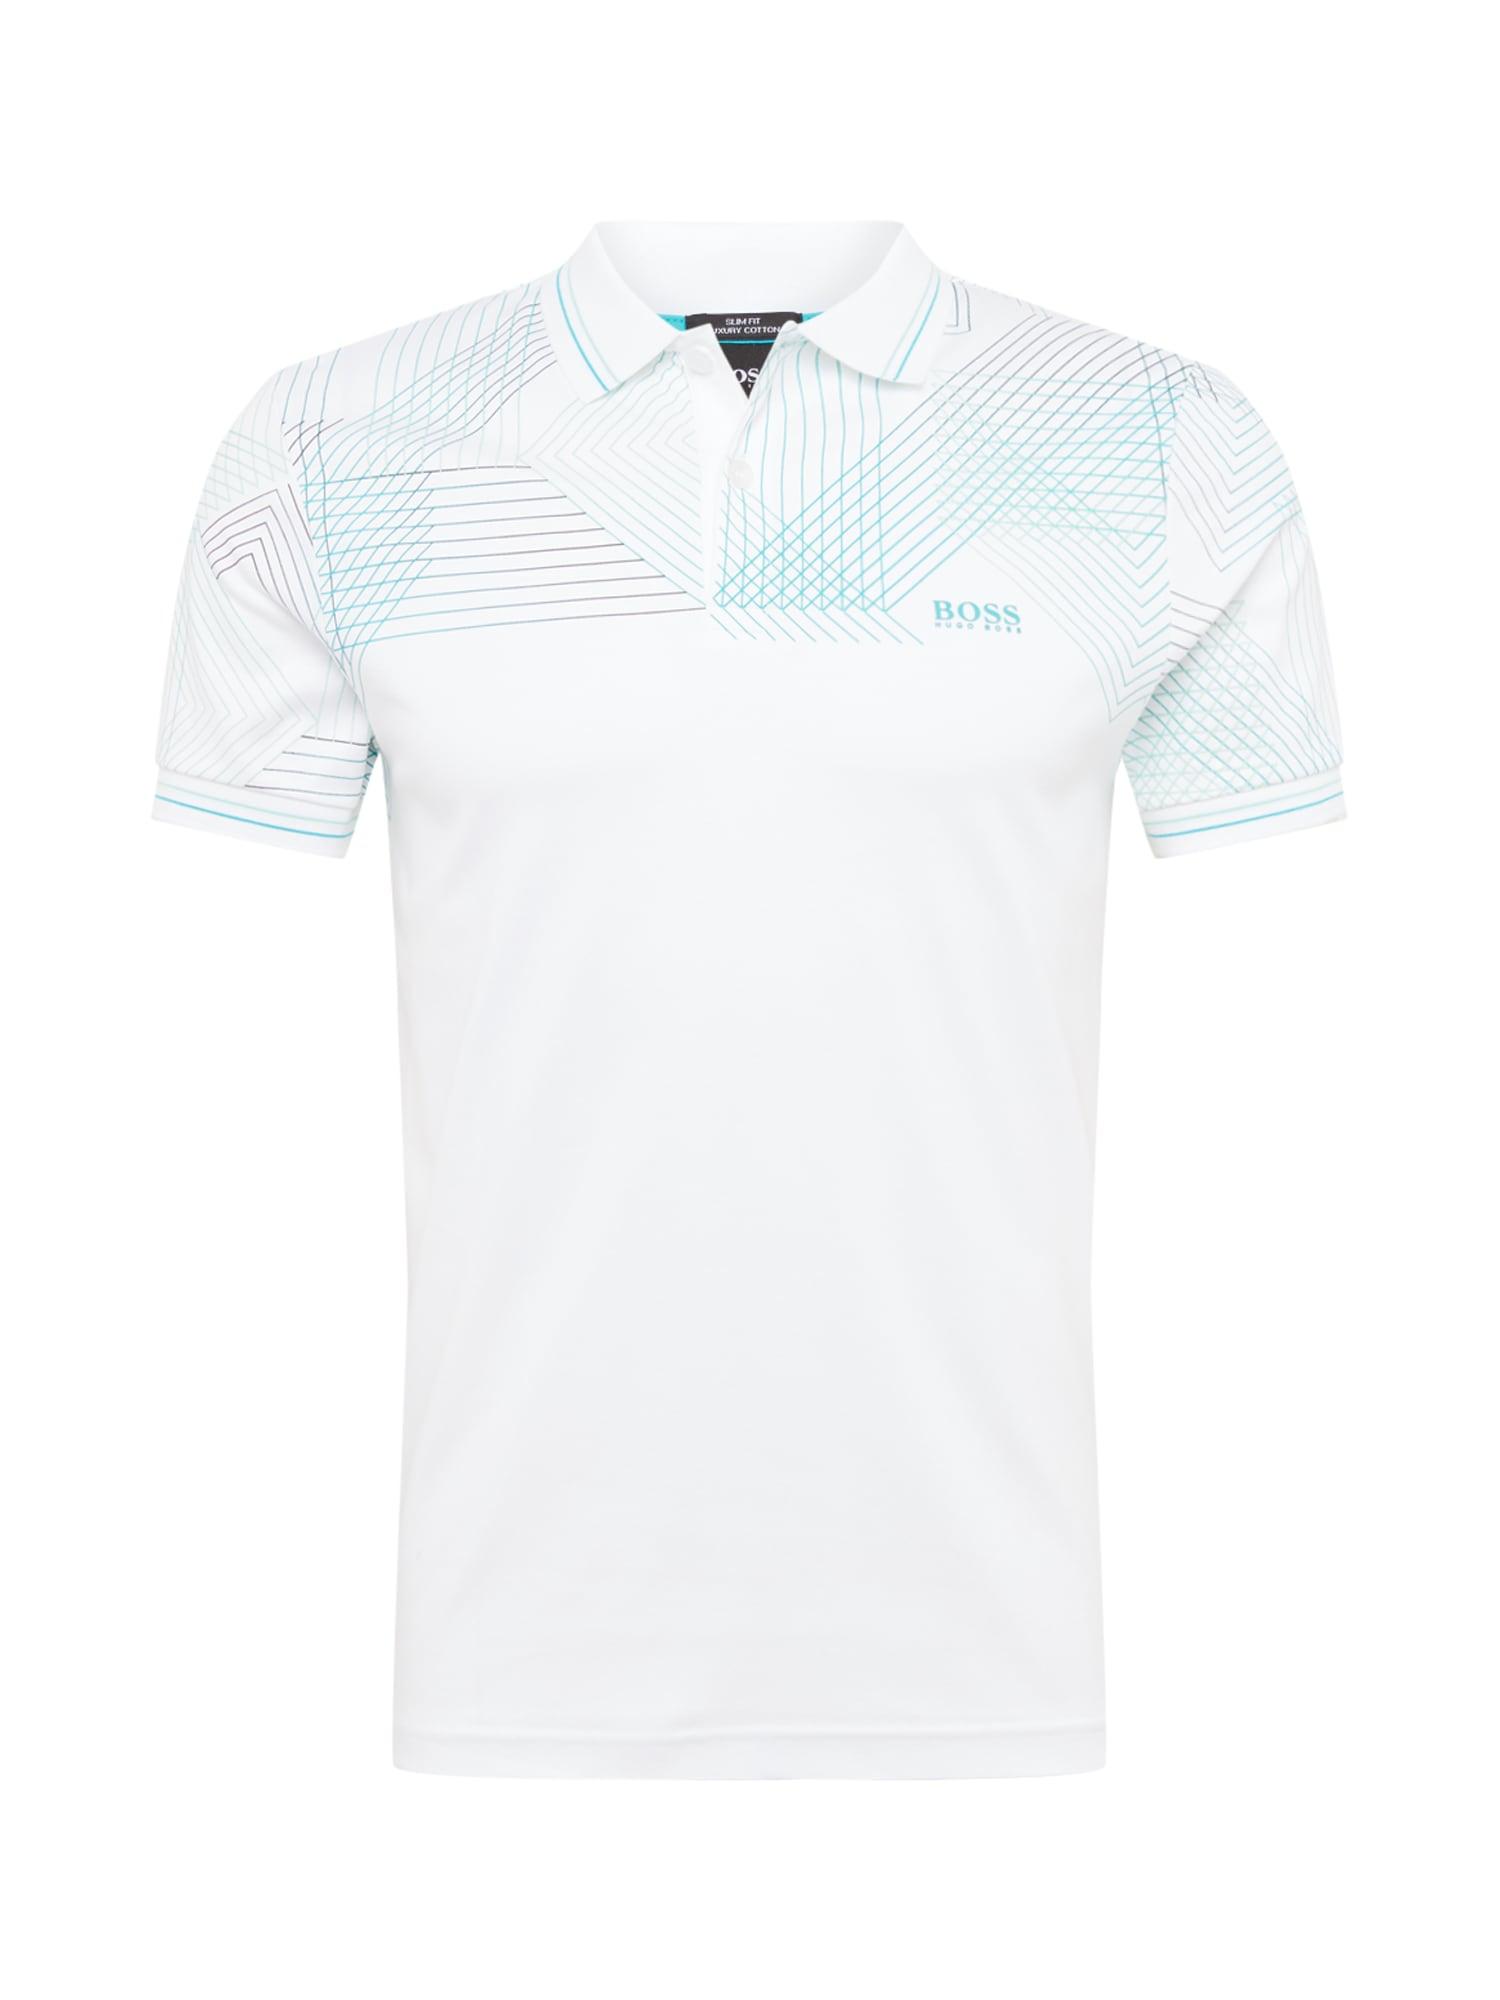 BOSS ATHLEISURE Marškinėliai 'Paule 5' tamsiai mėlyna